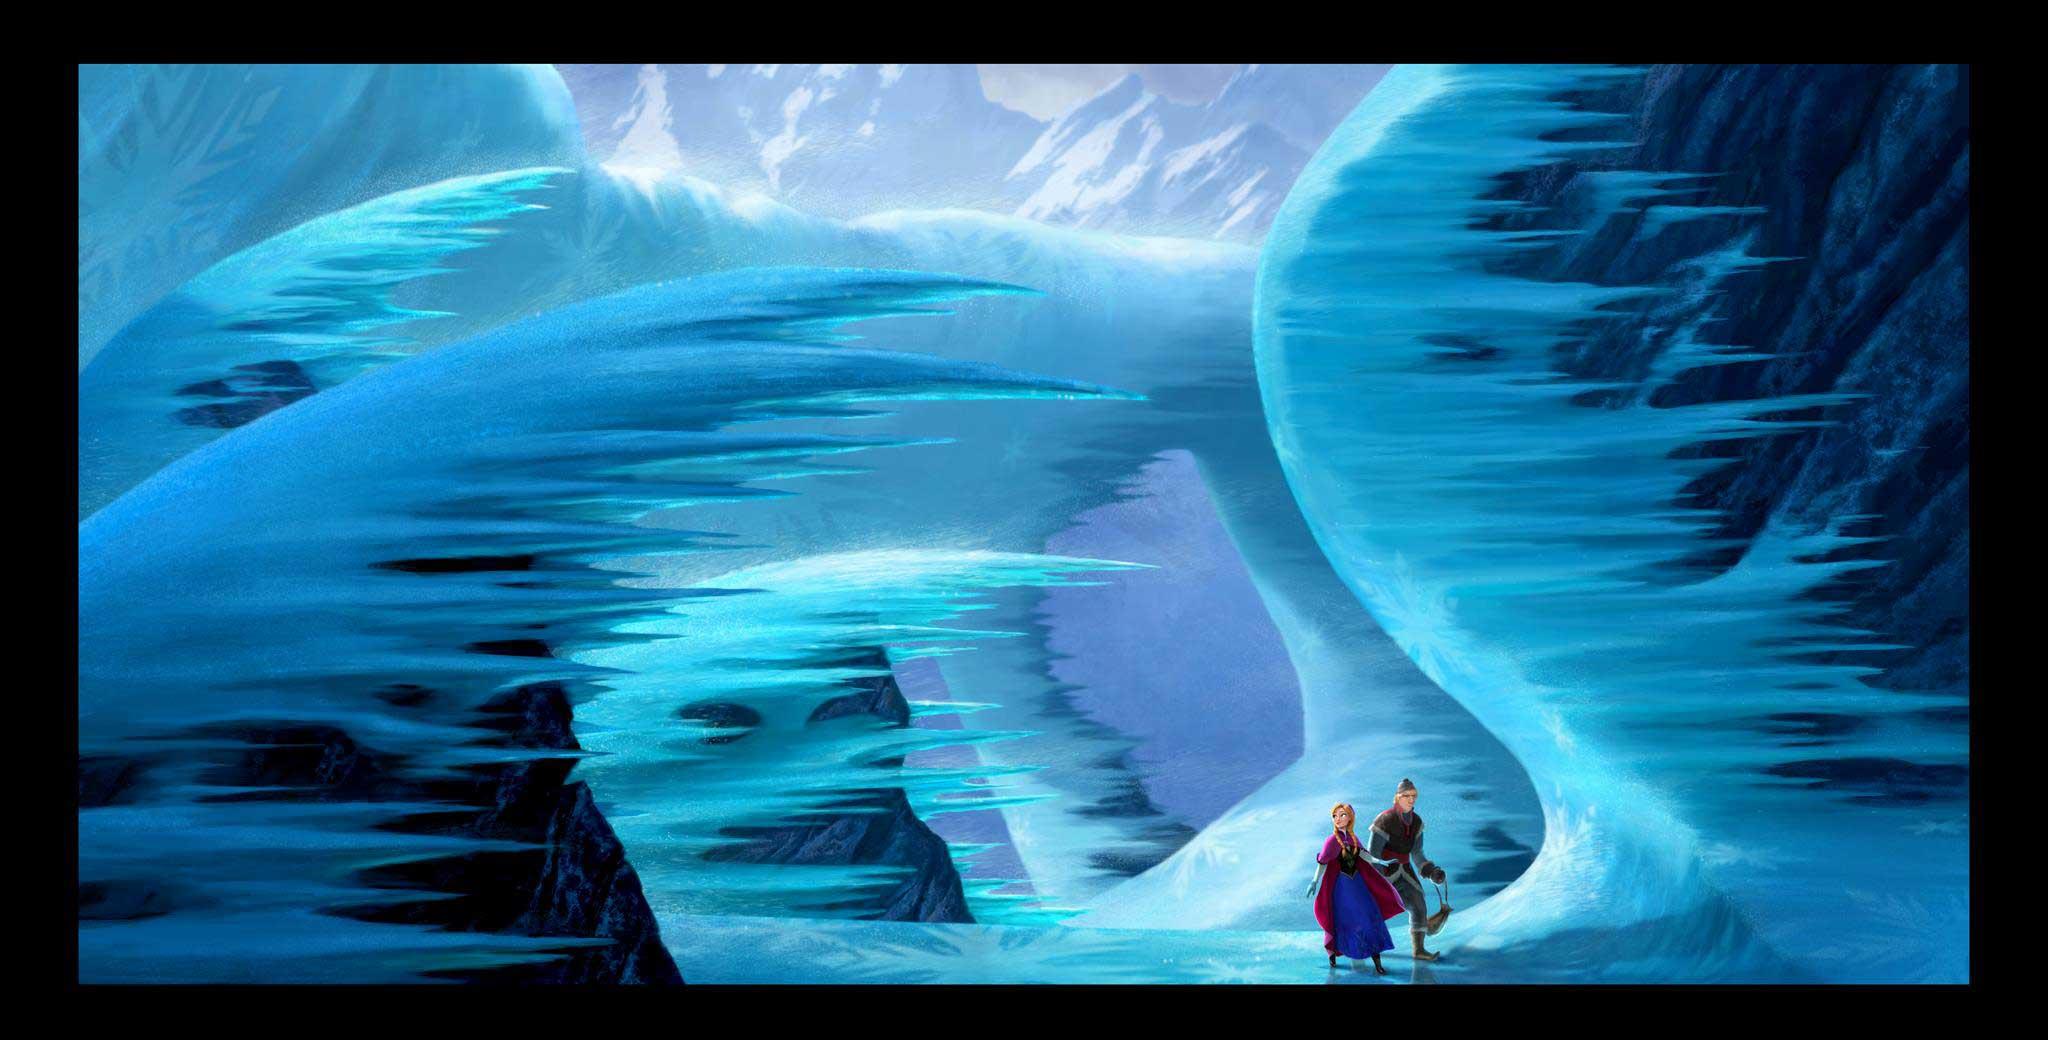 Disney Frozen Wallpapers Desktop Backgrounds Frozen Movie 2048x1040